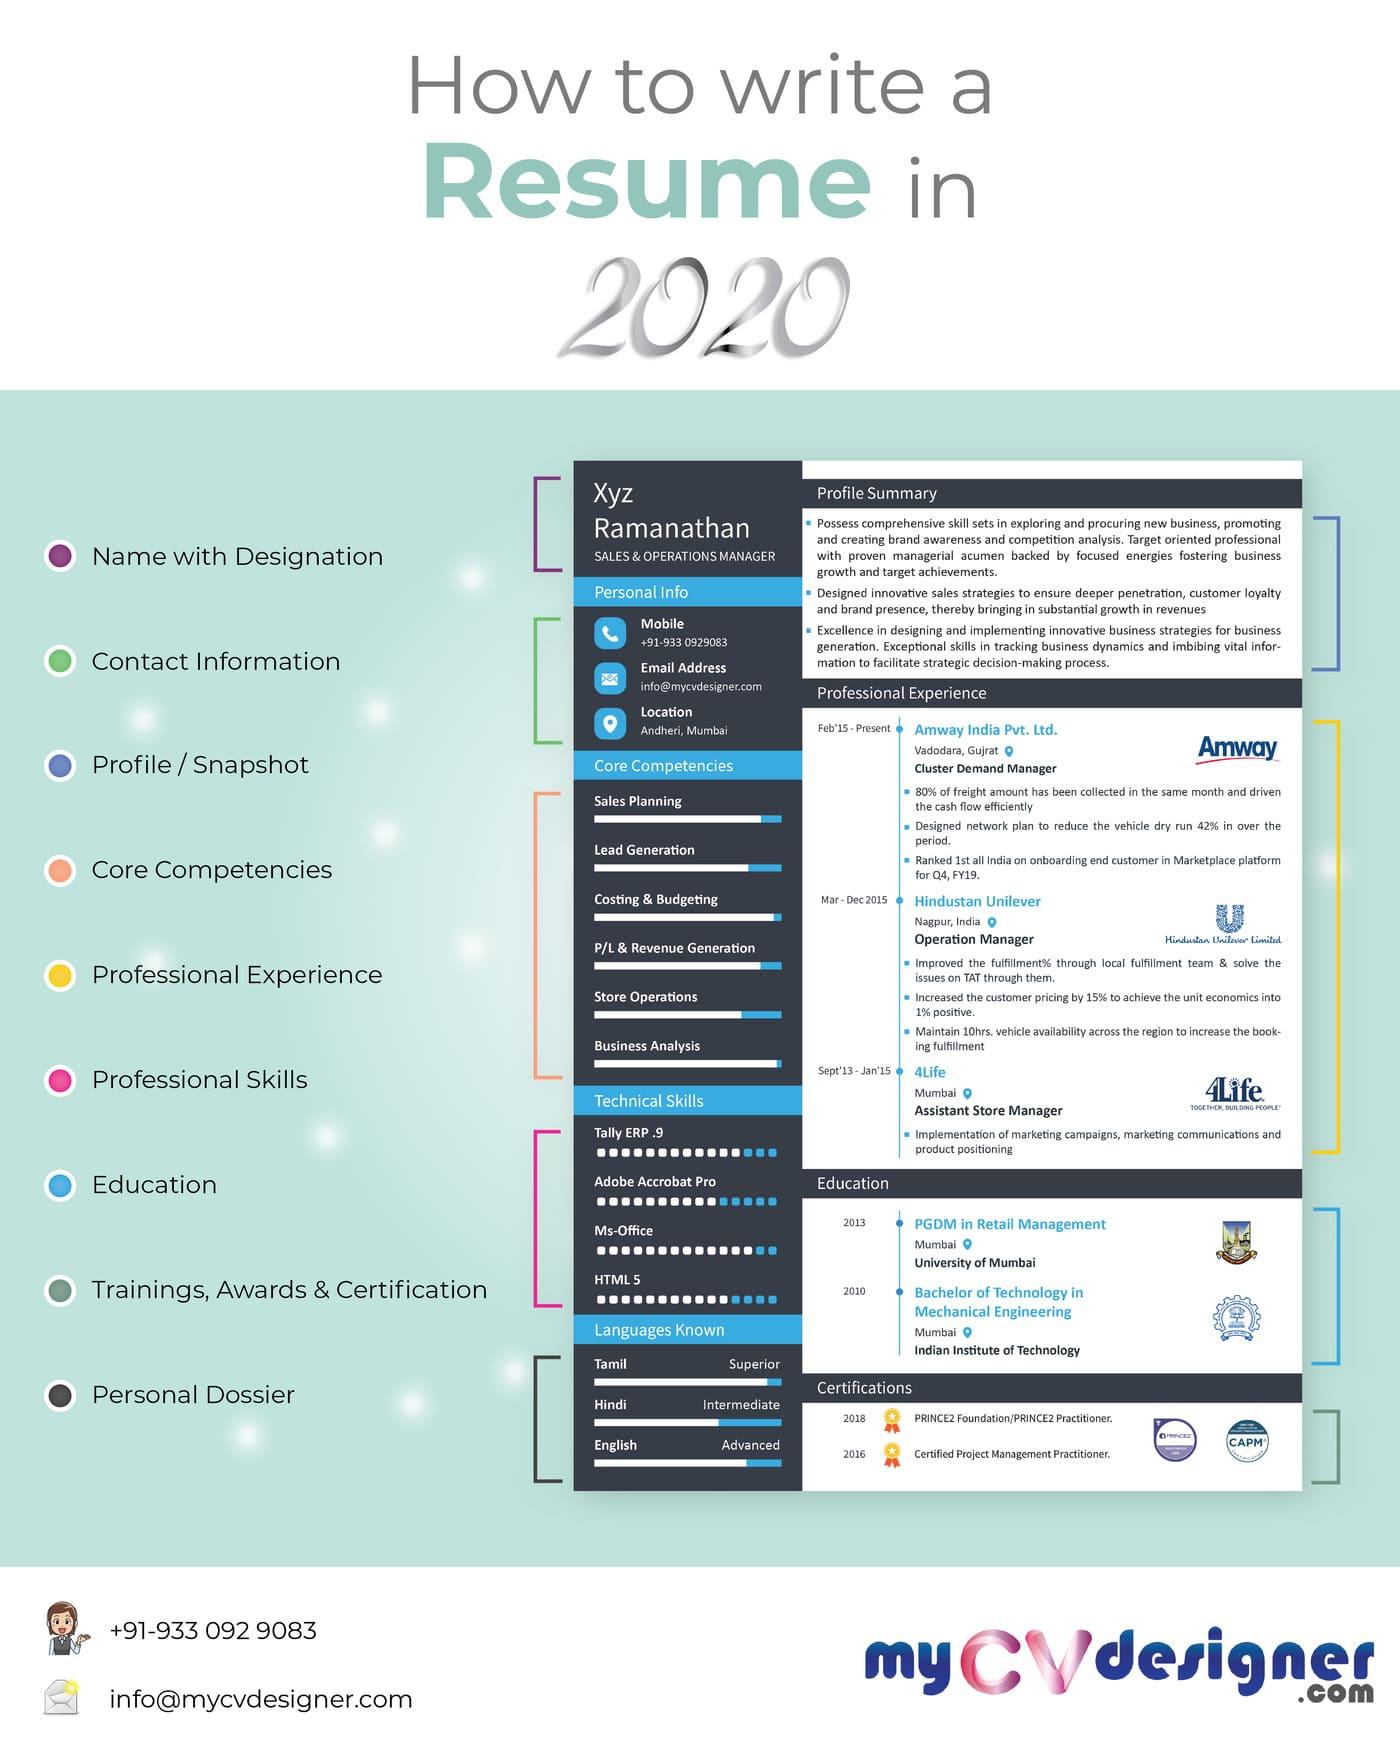 proper-resume-for-2020